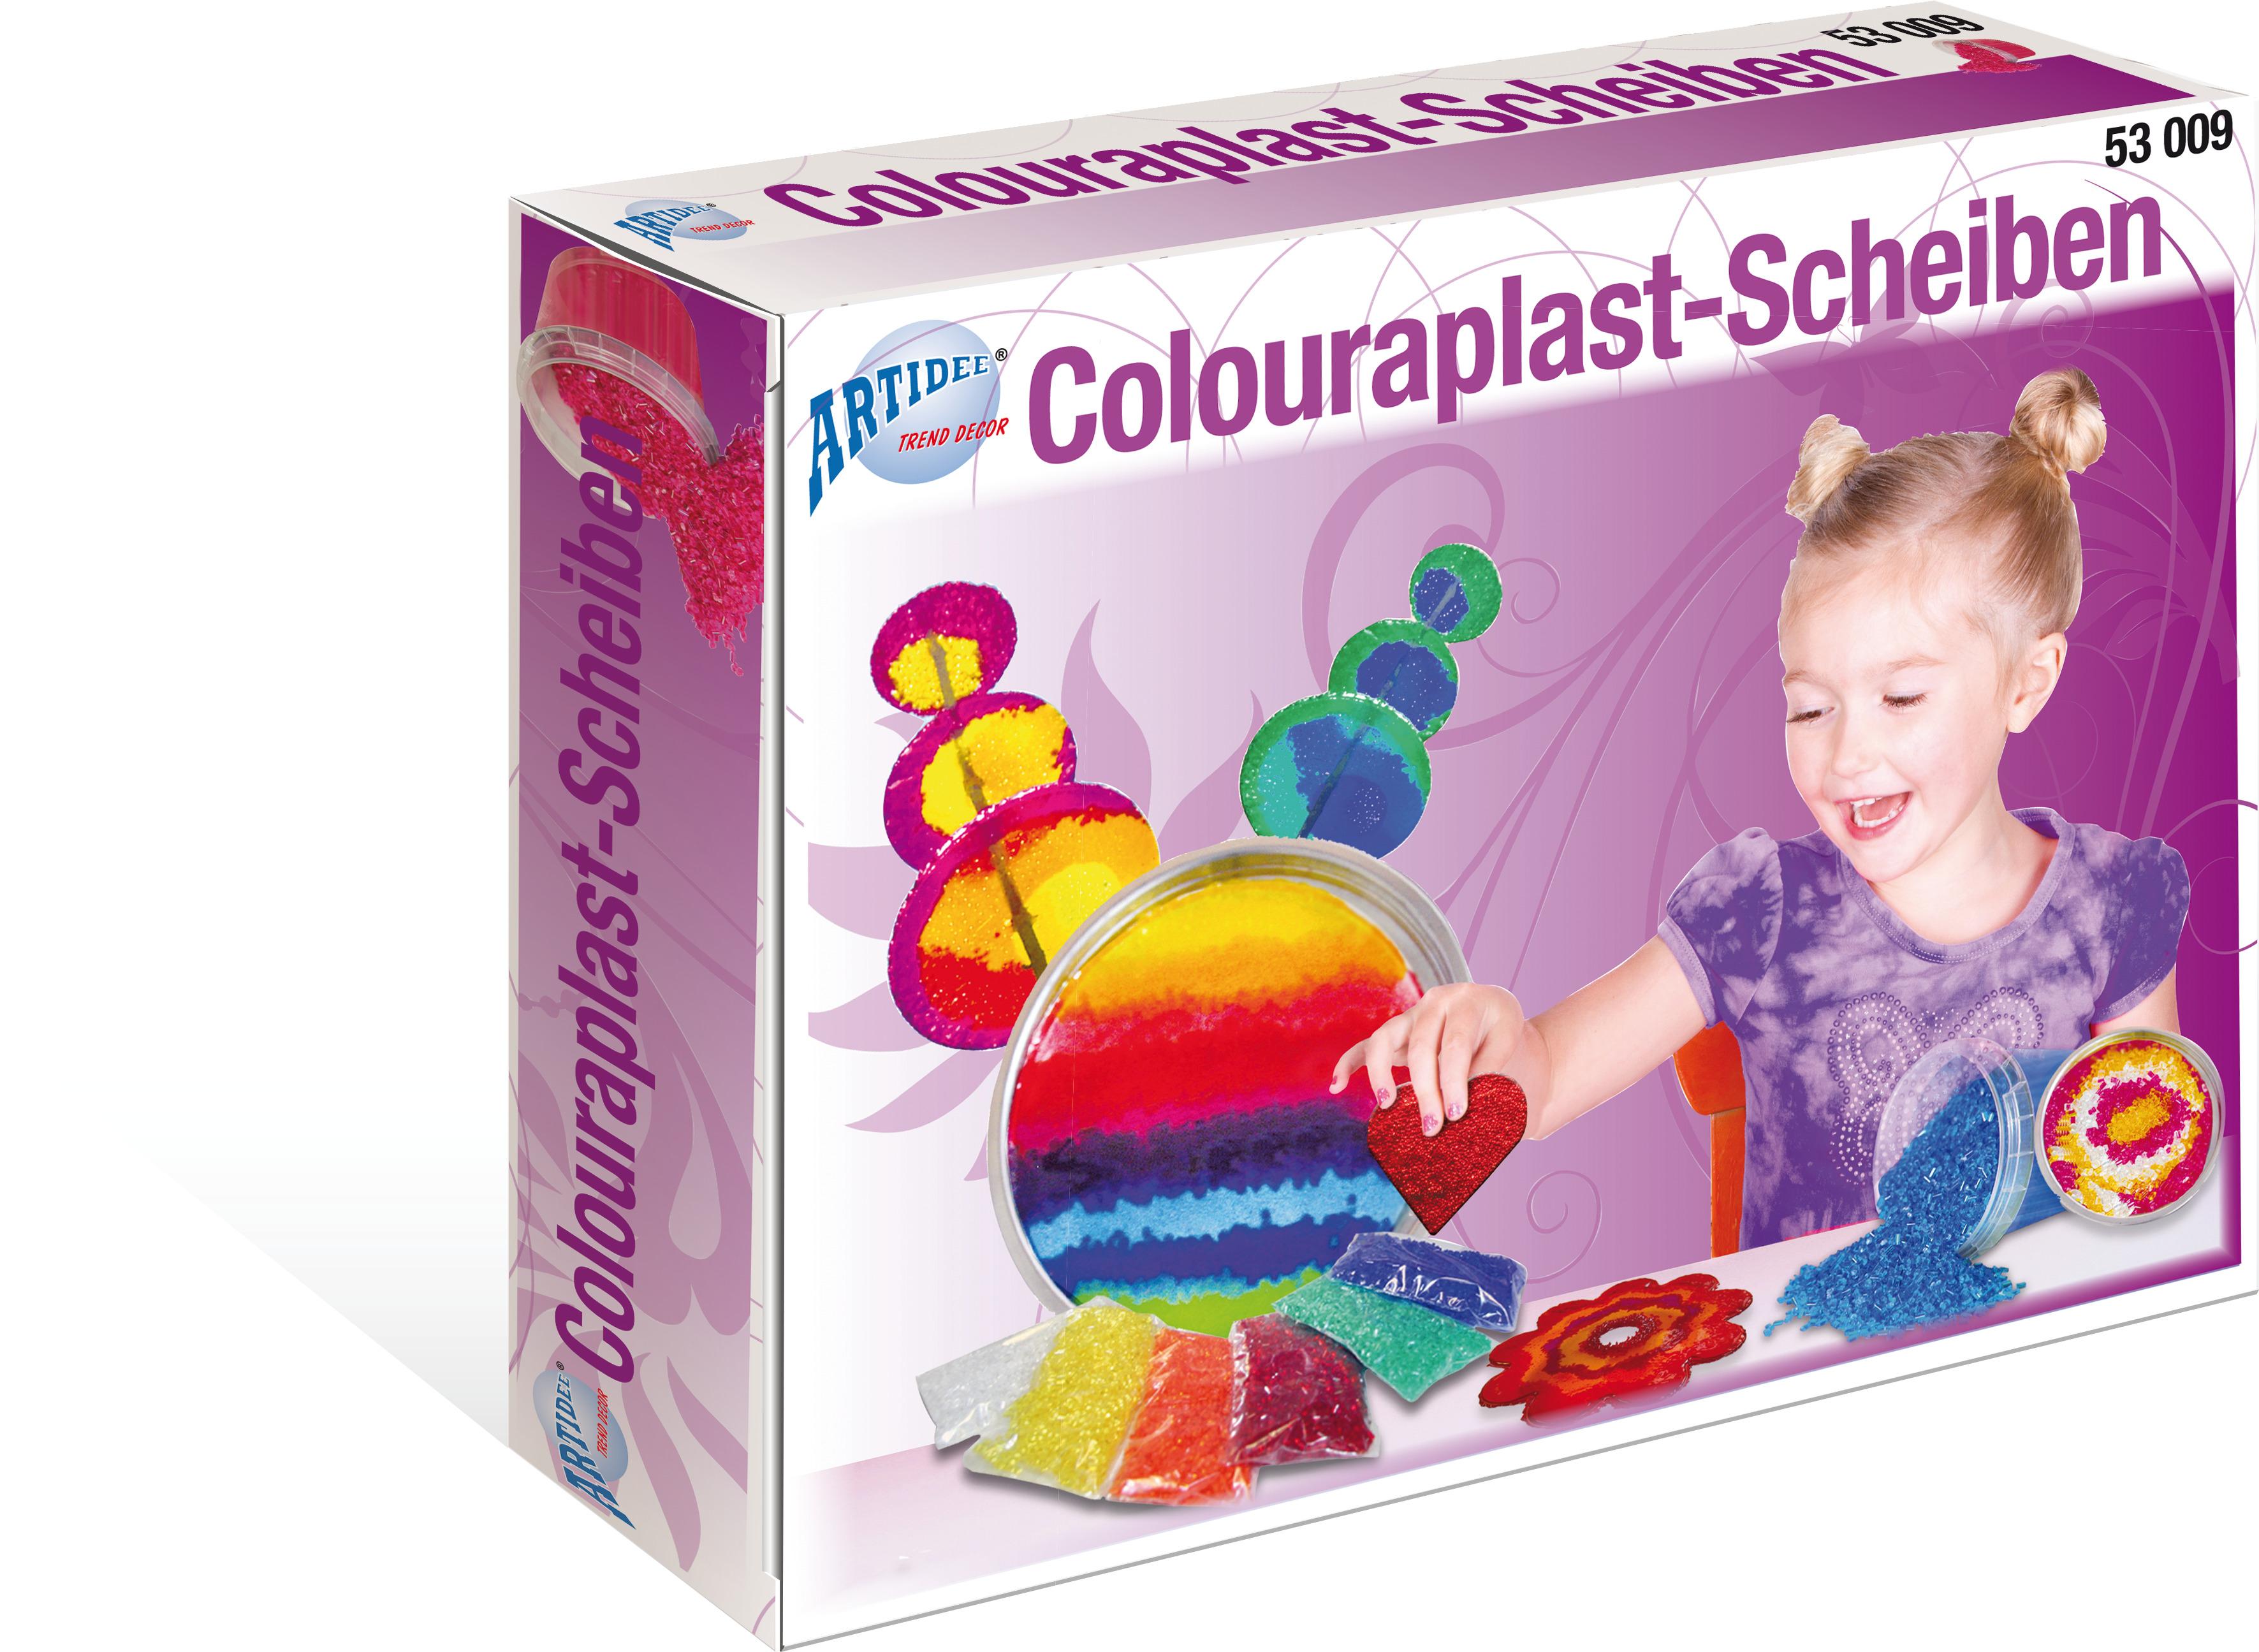 Colouraplast Scheiben Set